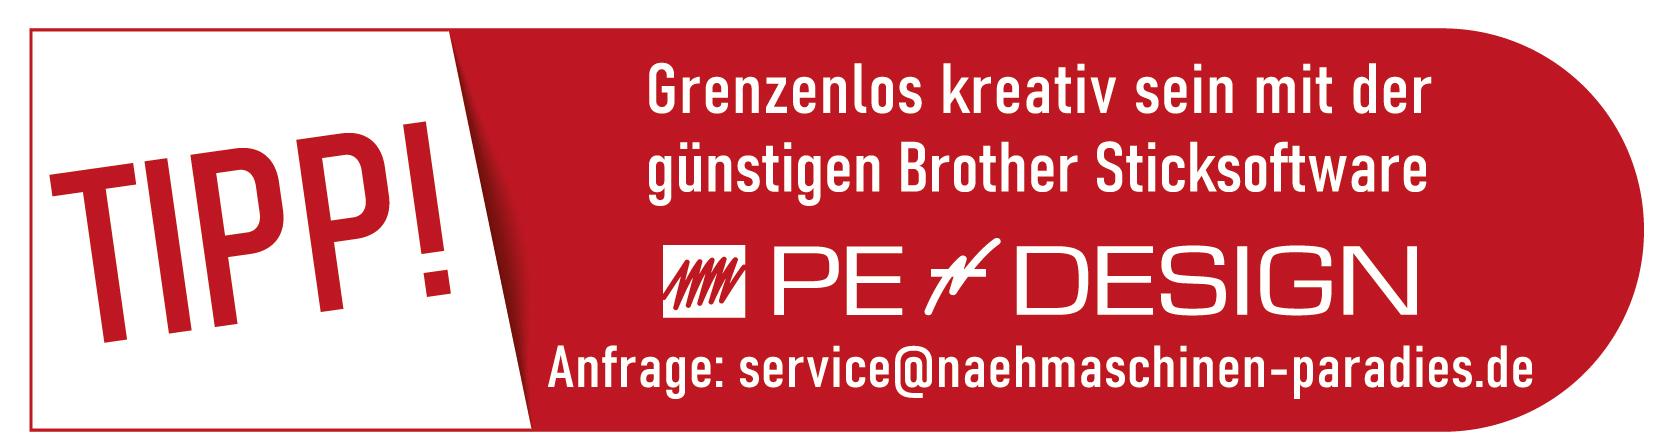 pe-design_Zeichenfl-che-1_Zeichenfl-che-1_Zeichenfl-che-1